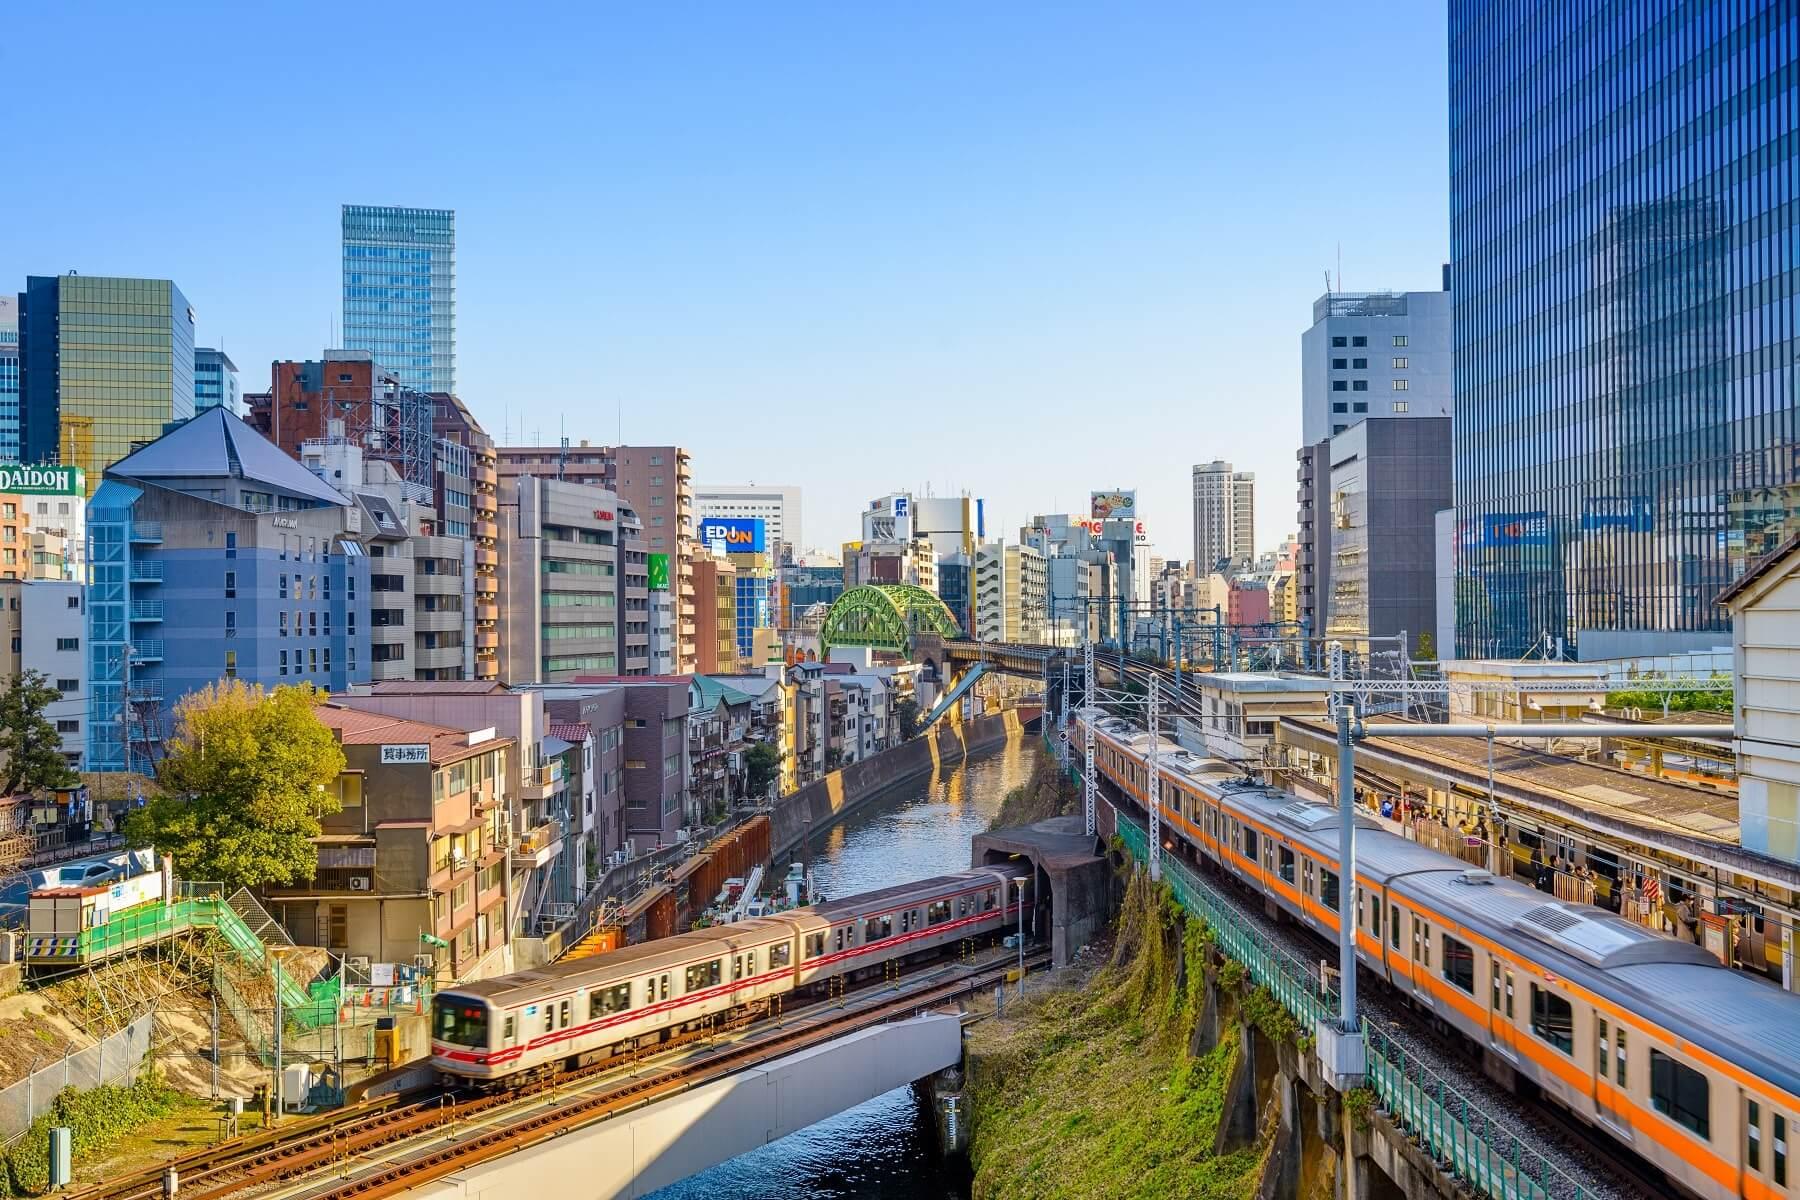 Trains passant au-dessus de la rivière Kanda, Ochanomizu, Tokyo, Japon.